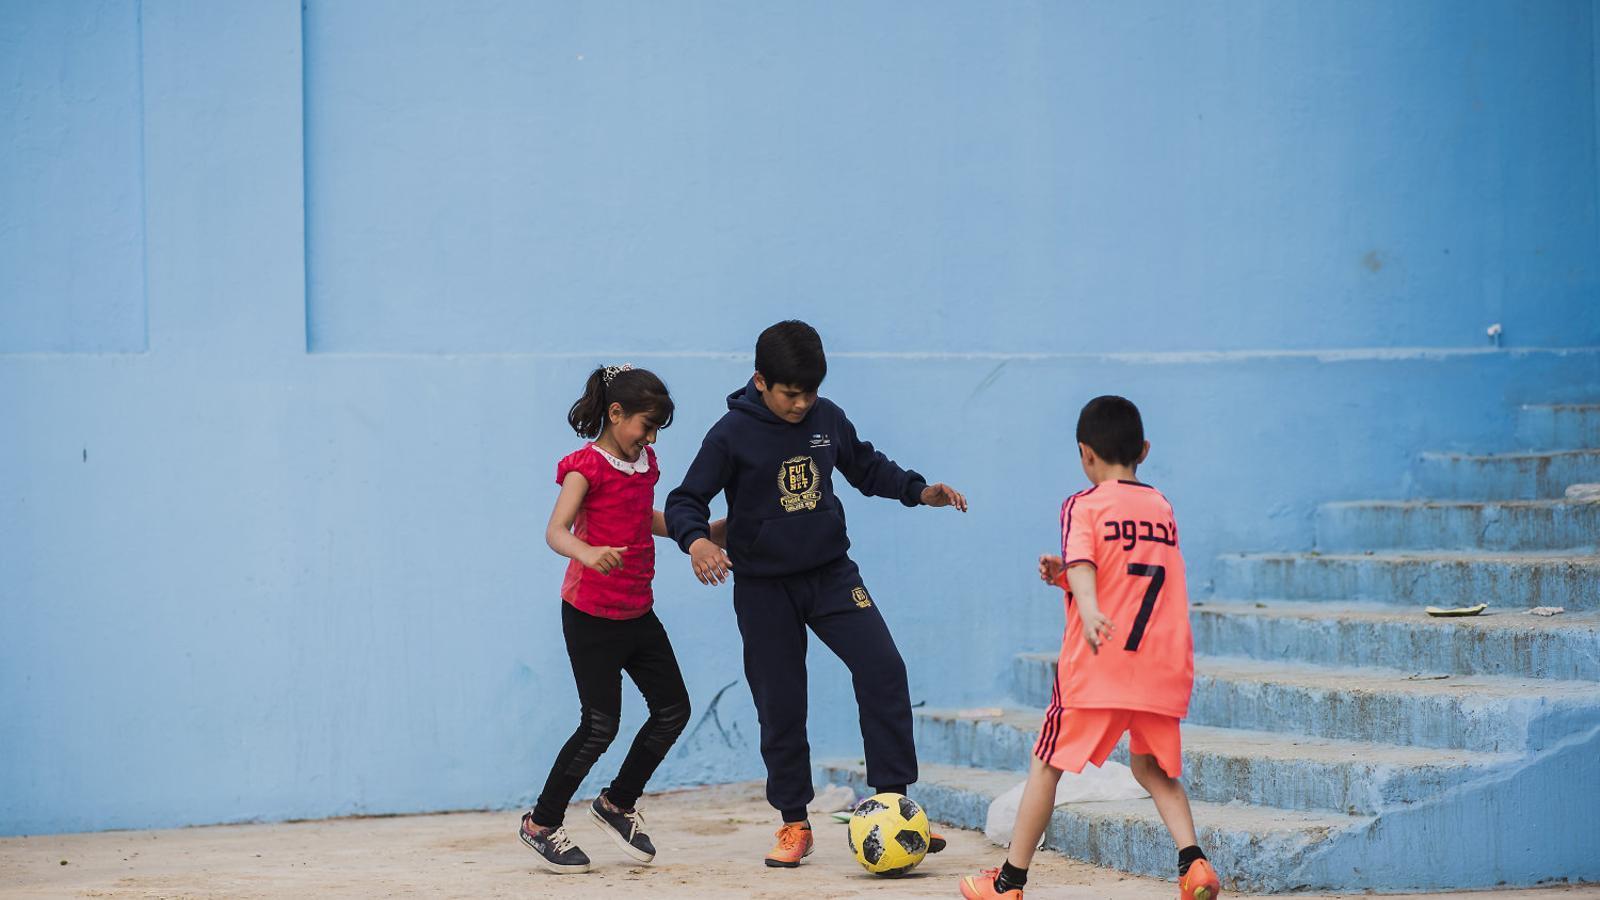 El Barça fa gala del seu programa de refugiats